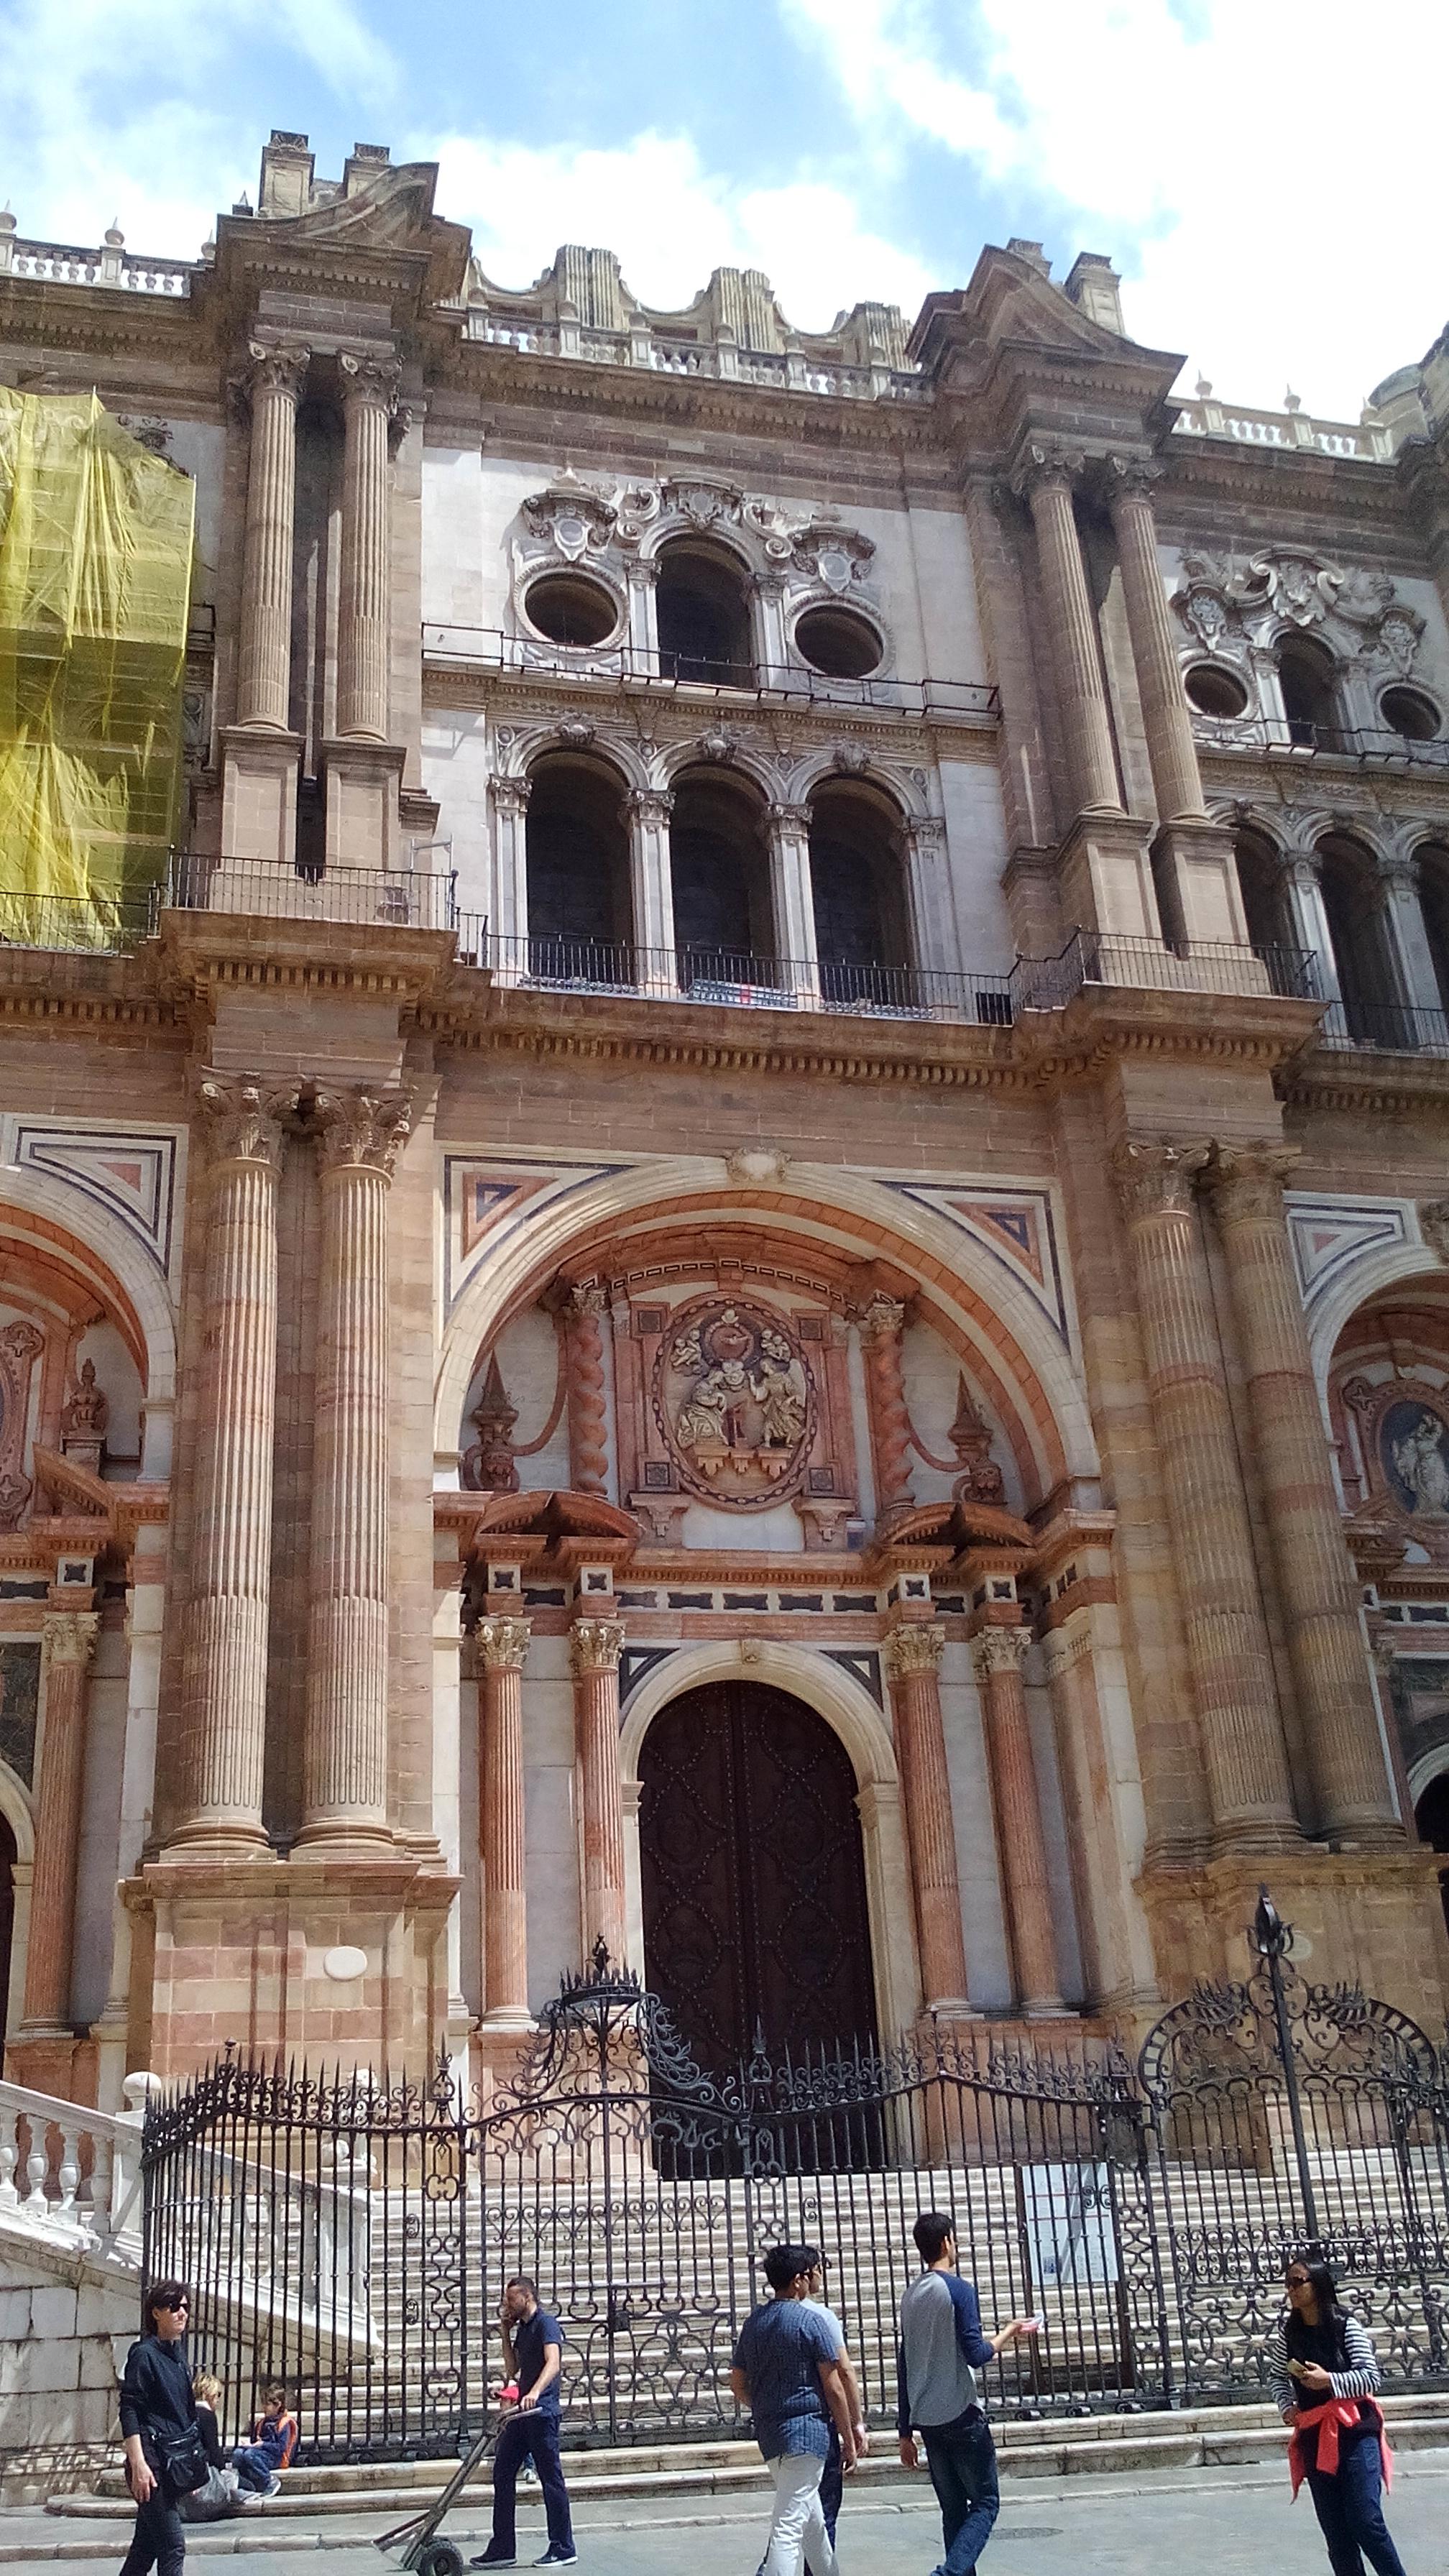 pff... valamelyik város. sztem ez Malaga